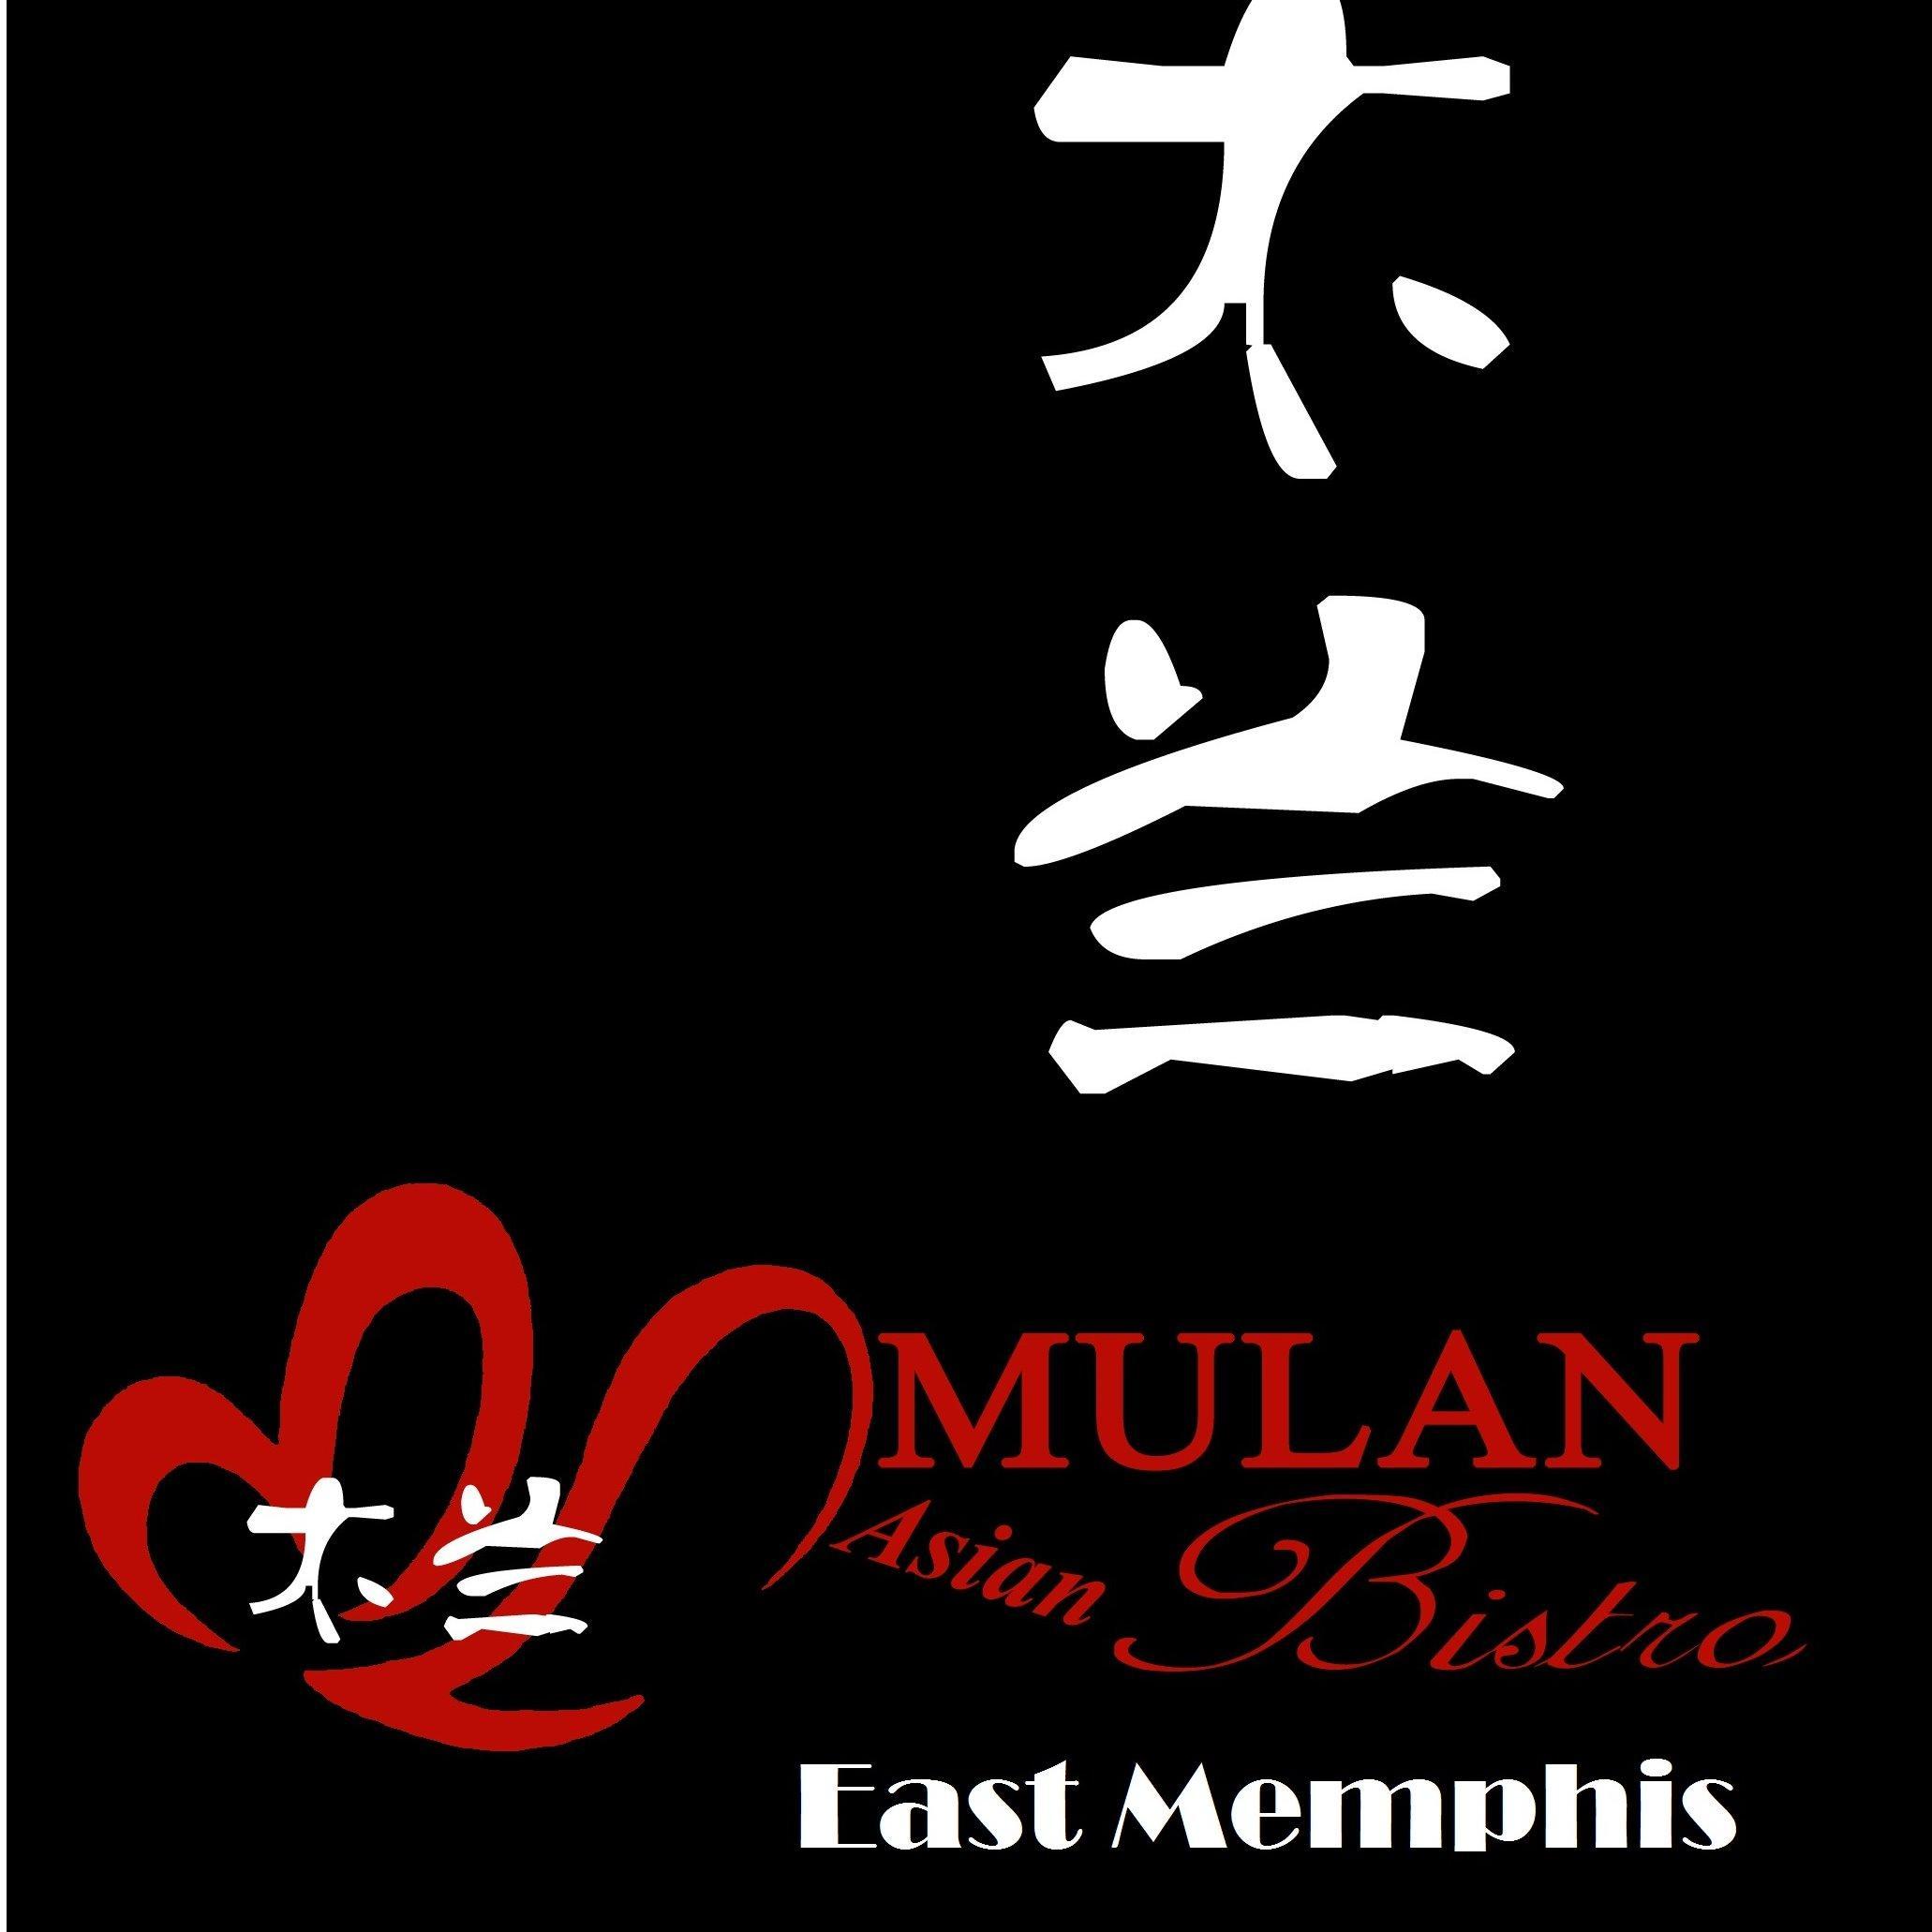 Mulan Asian Bistro East